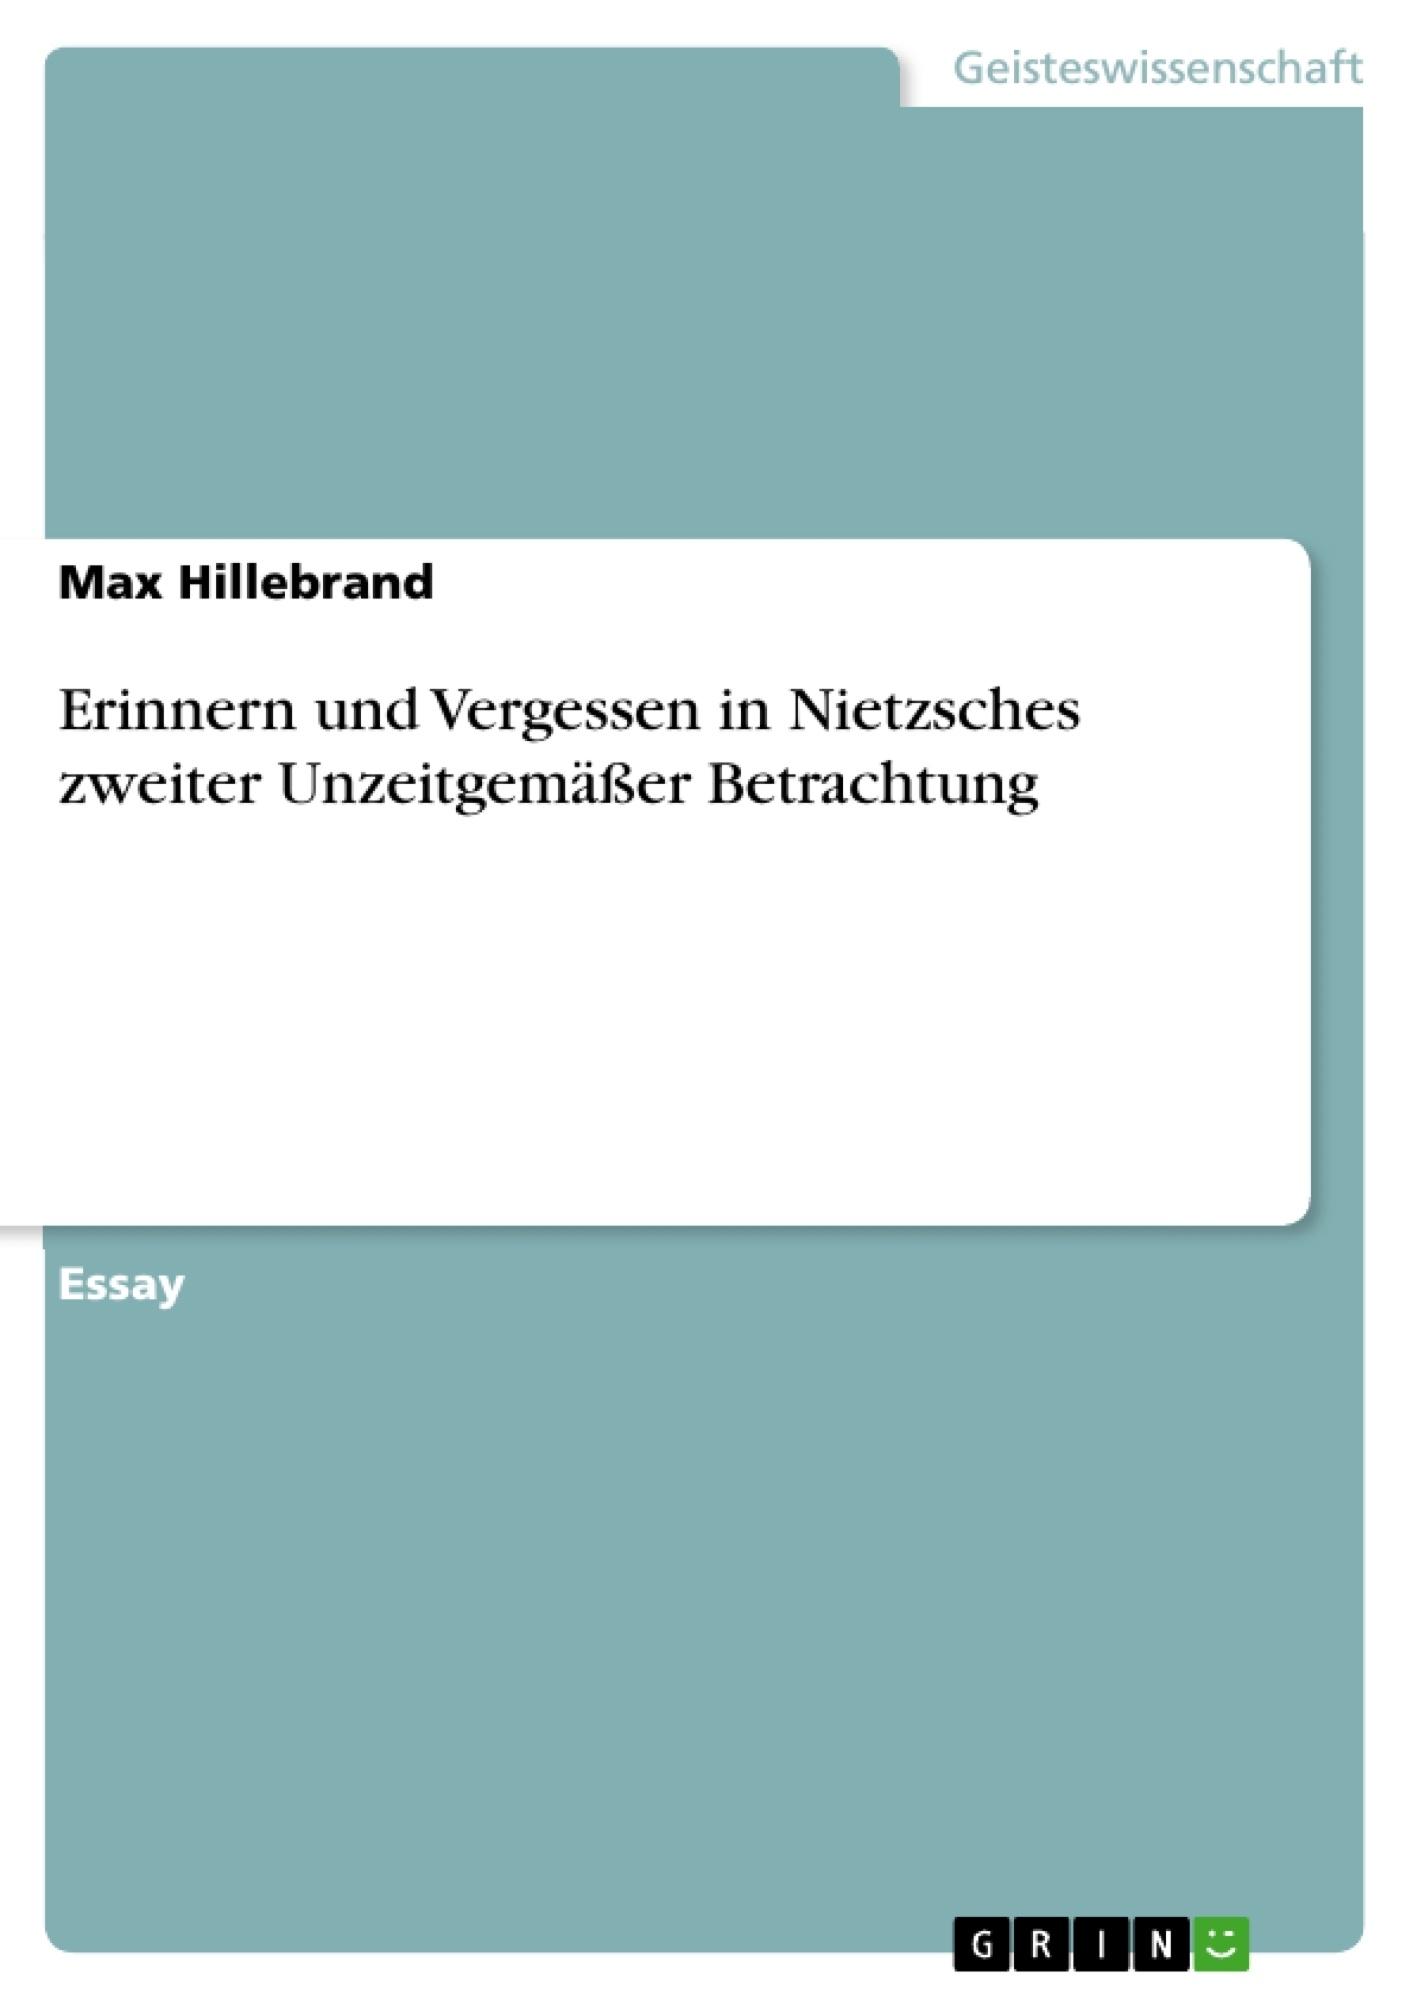 Titel: Erinnern und Vergessen in Nietzsches zweiter Unzeitgemäßer Betrachtung